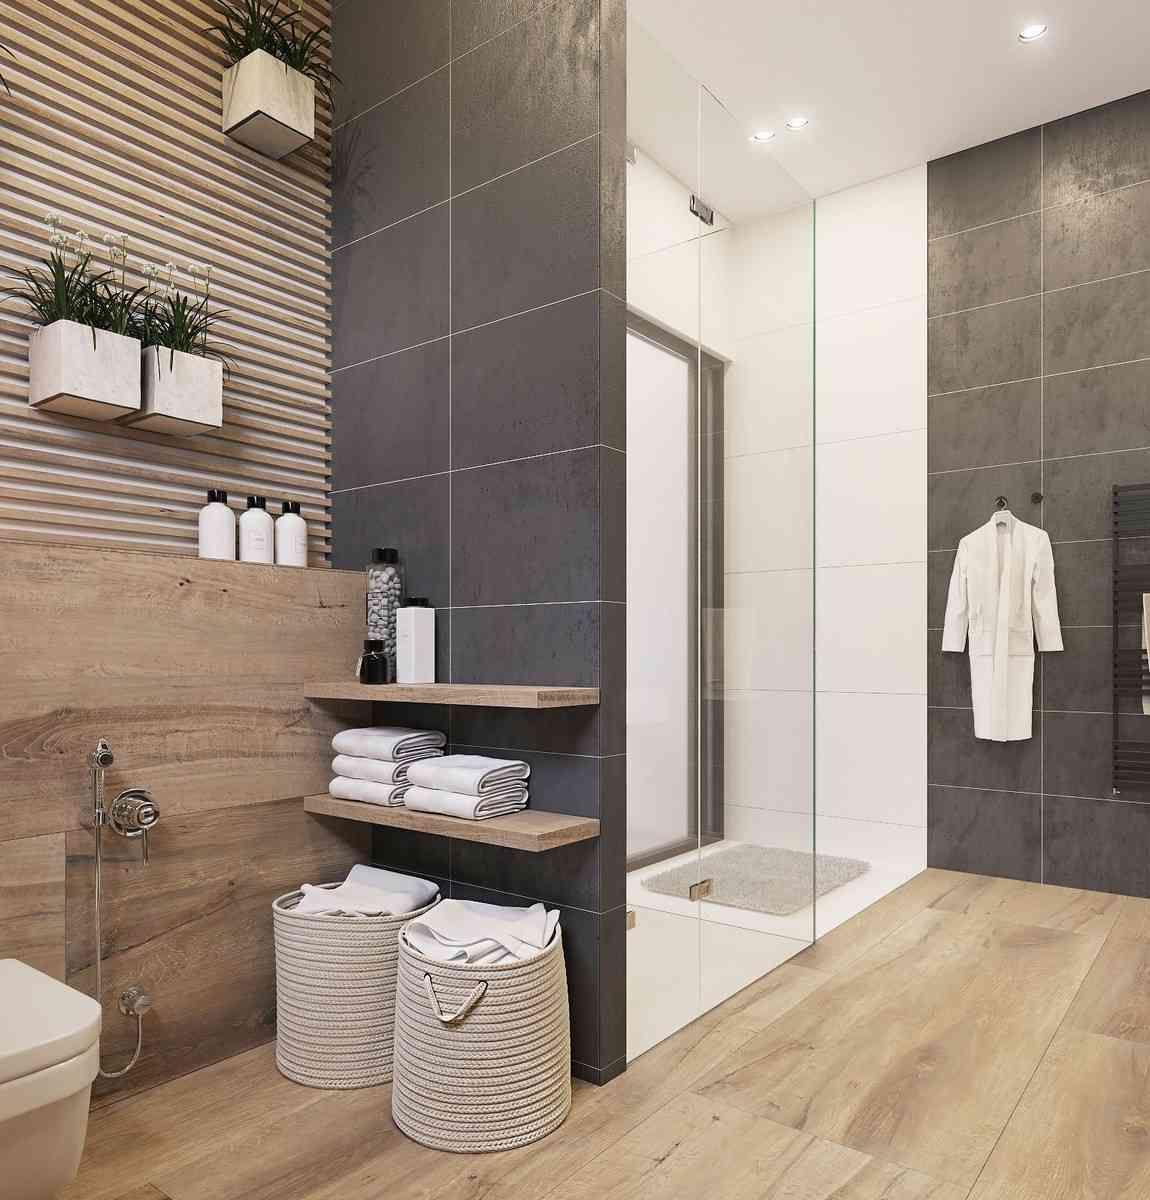 Salle de bain gris et bois : idées et astuces pour une déco ...